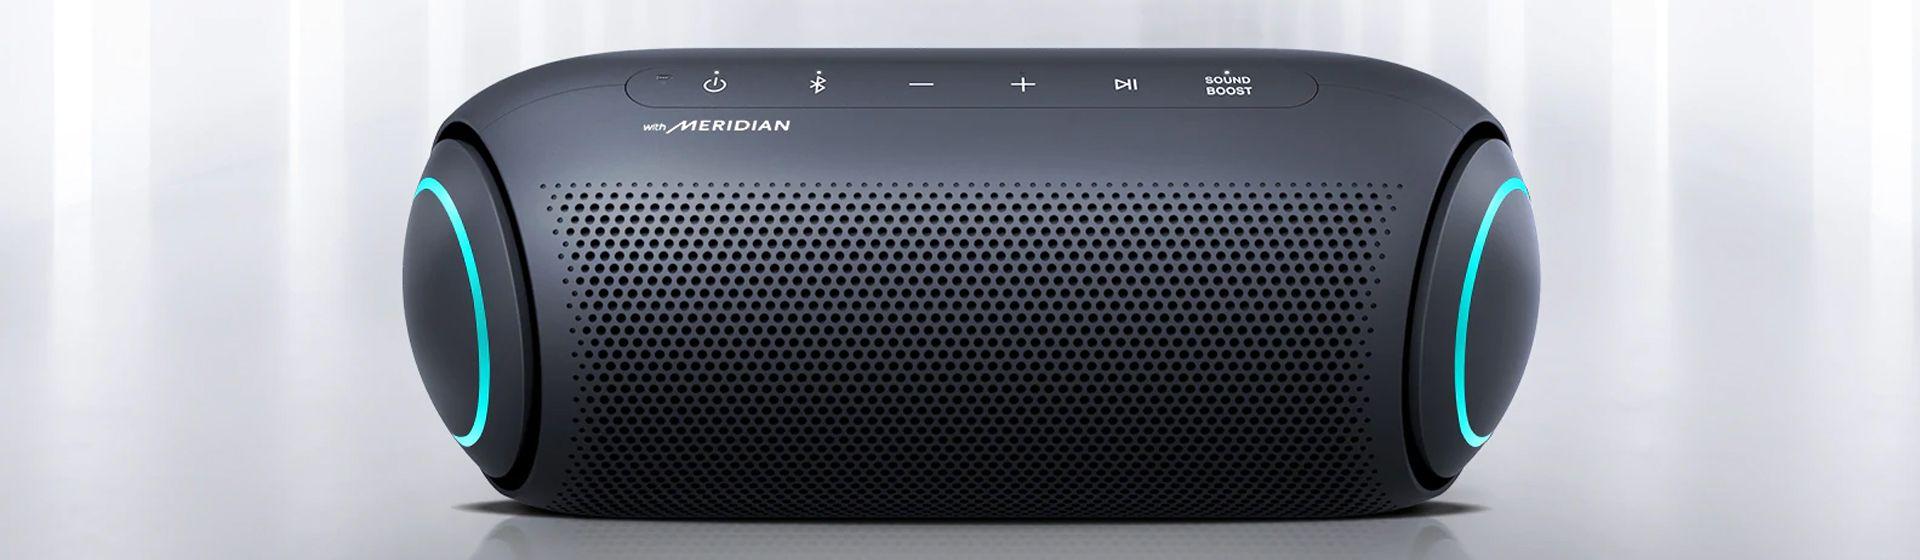 LG lança novas caixas Xboom PL2, PL5 e PL7 no Brasil; veja seus preços